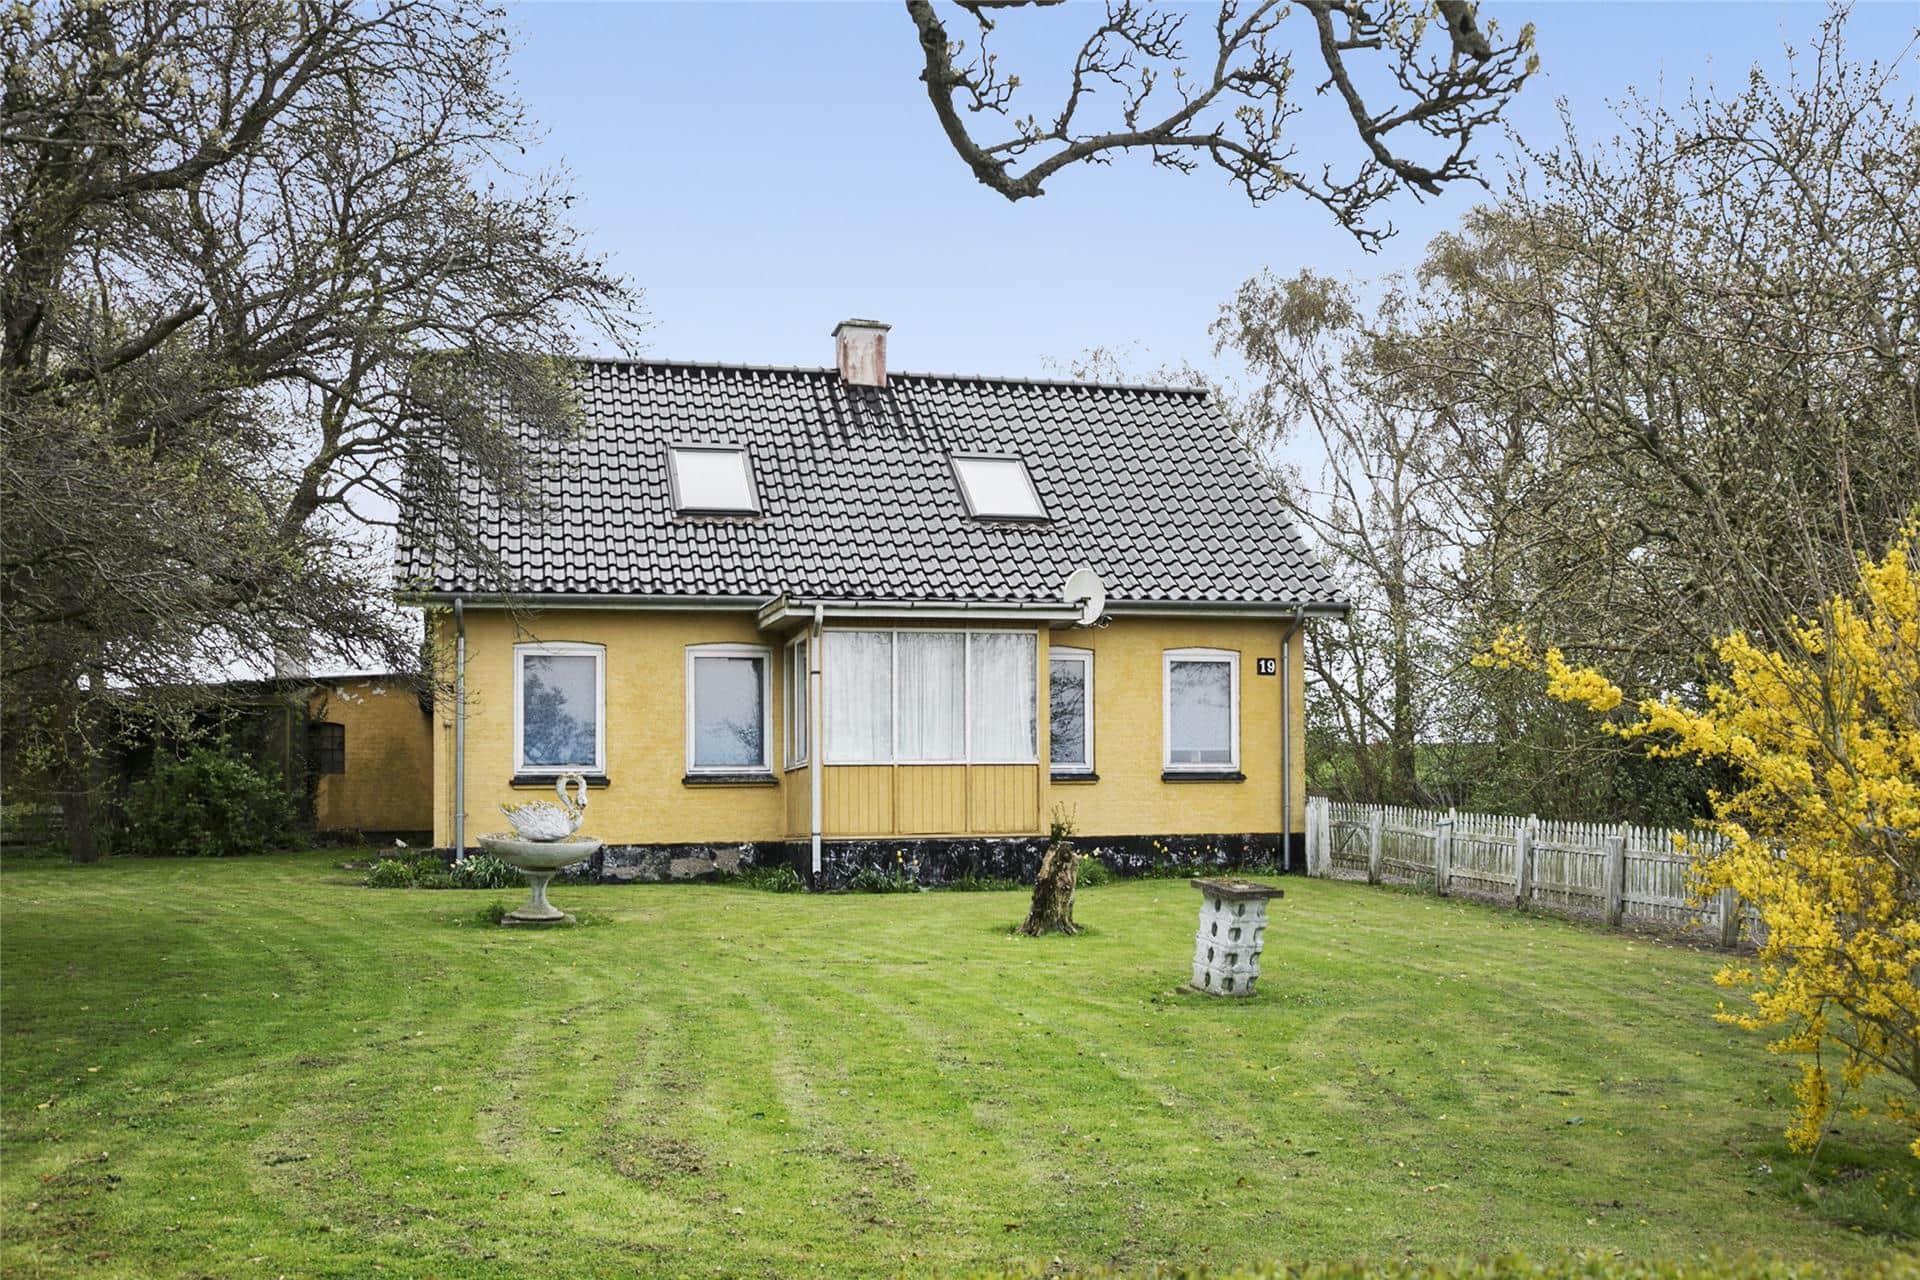 Billede 1-15 Sommerhus 4015, Søndre Landevej 19, DK - 4780 Stege